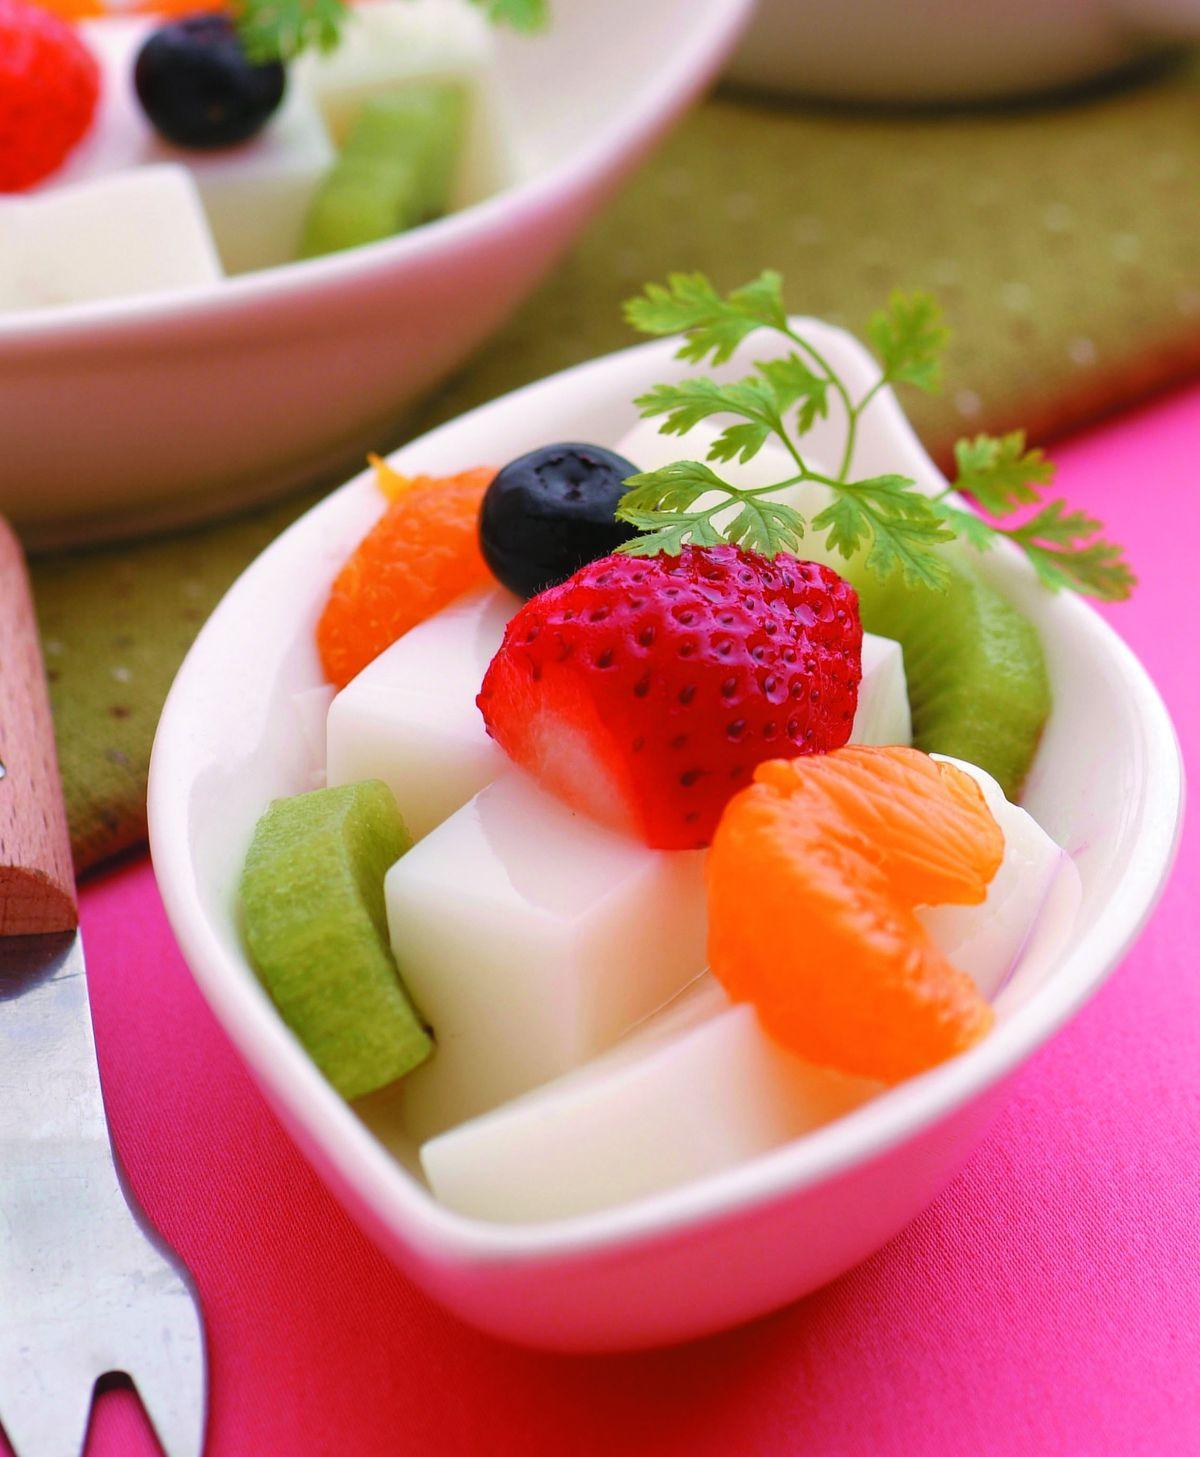 食譜:杏仁豆腐什錦水果